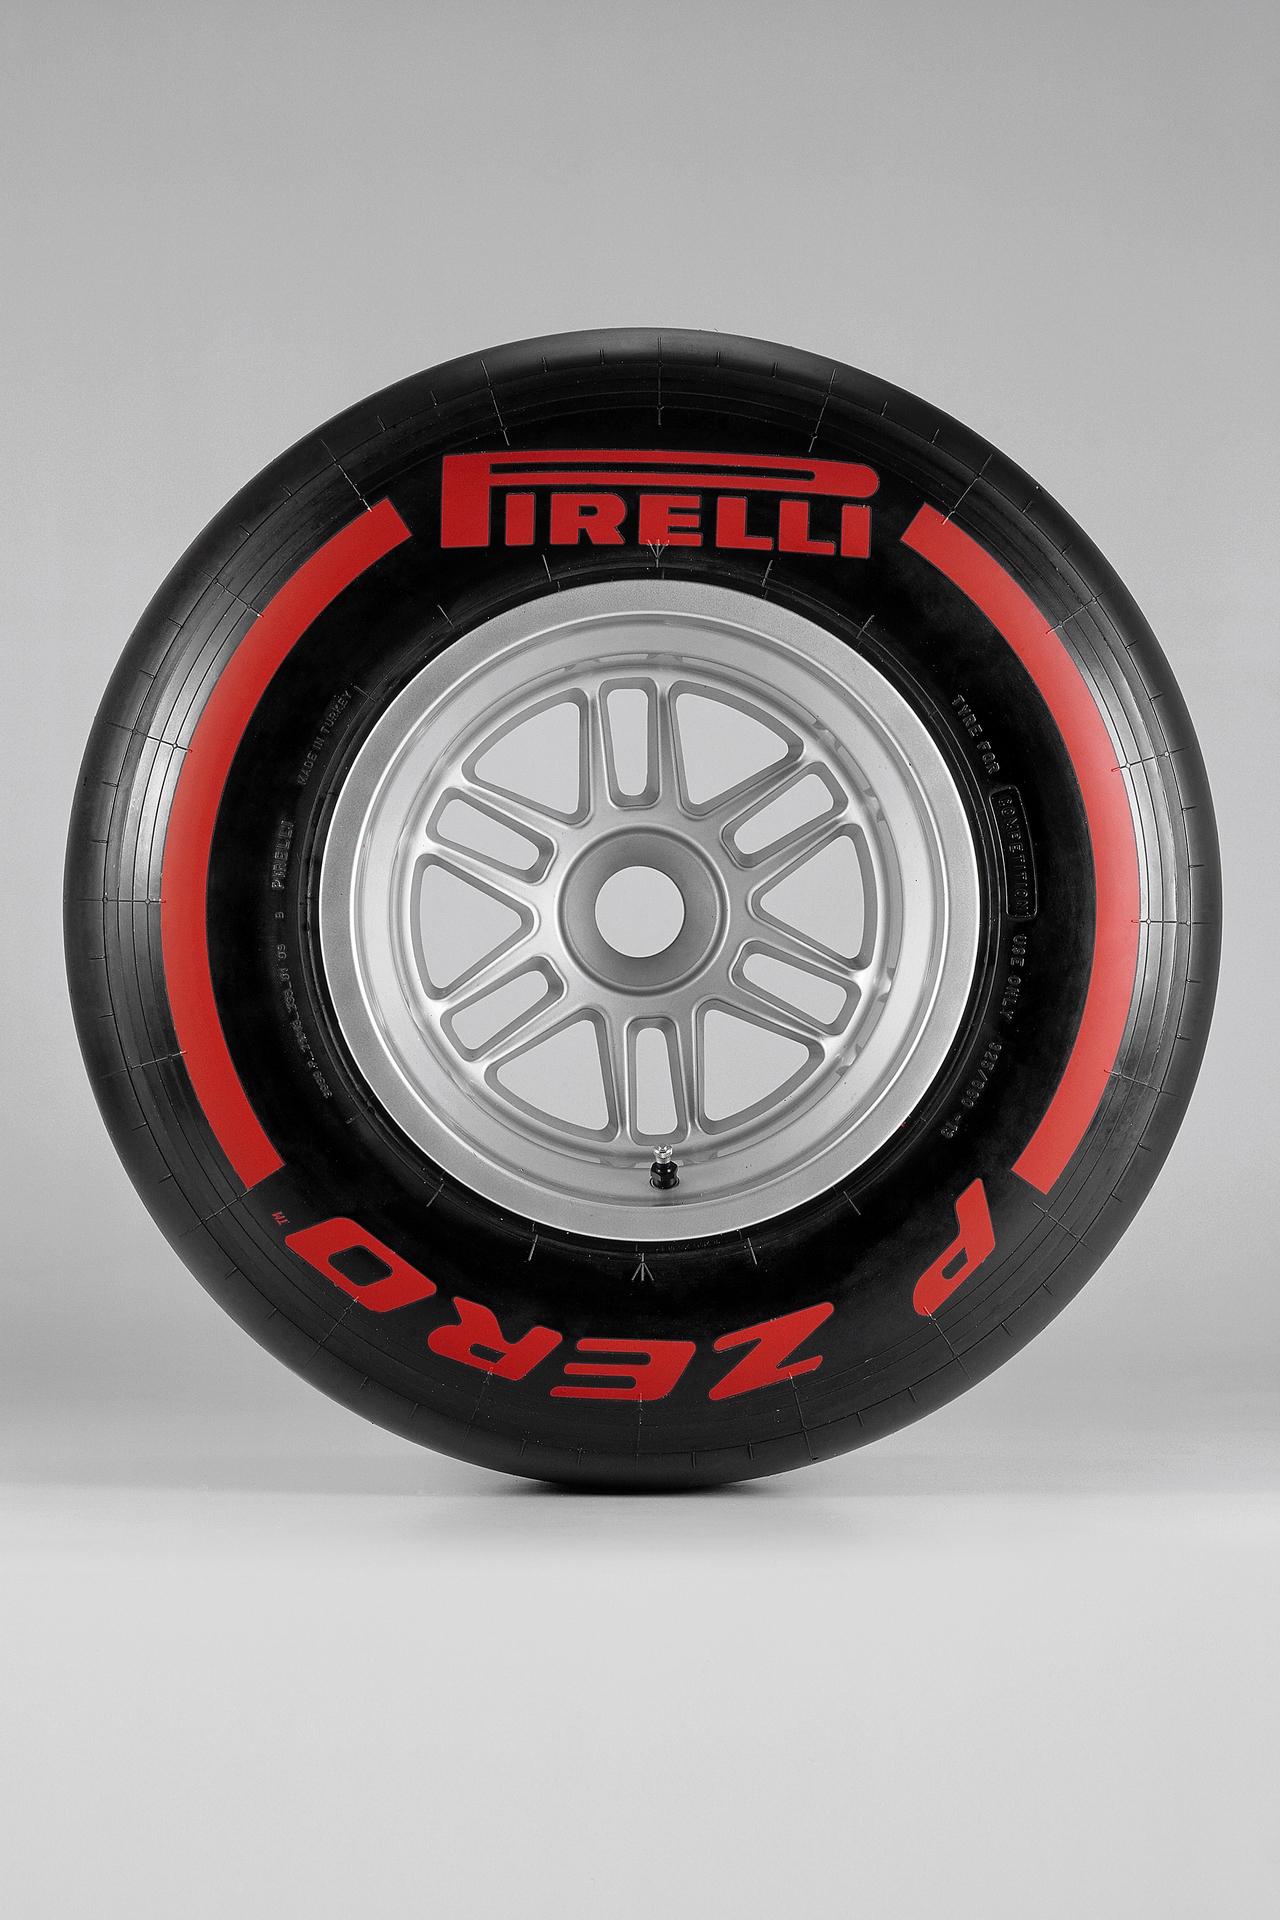 Presentazione Pirelli Pneumatici F1 2012 ad Abu Dhabi - gennaio 2012